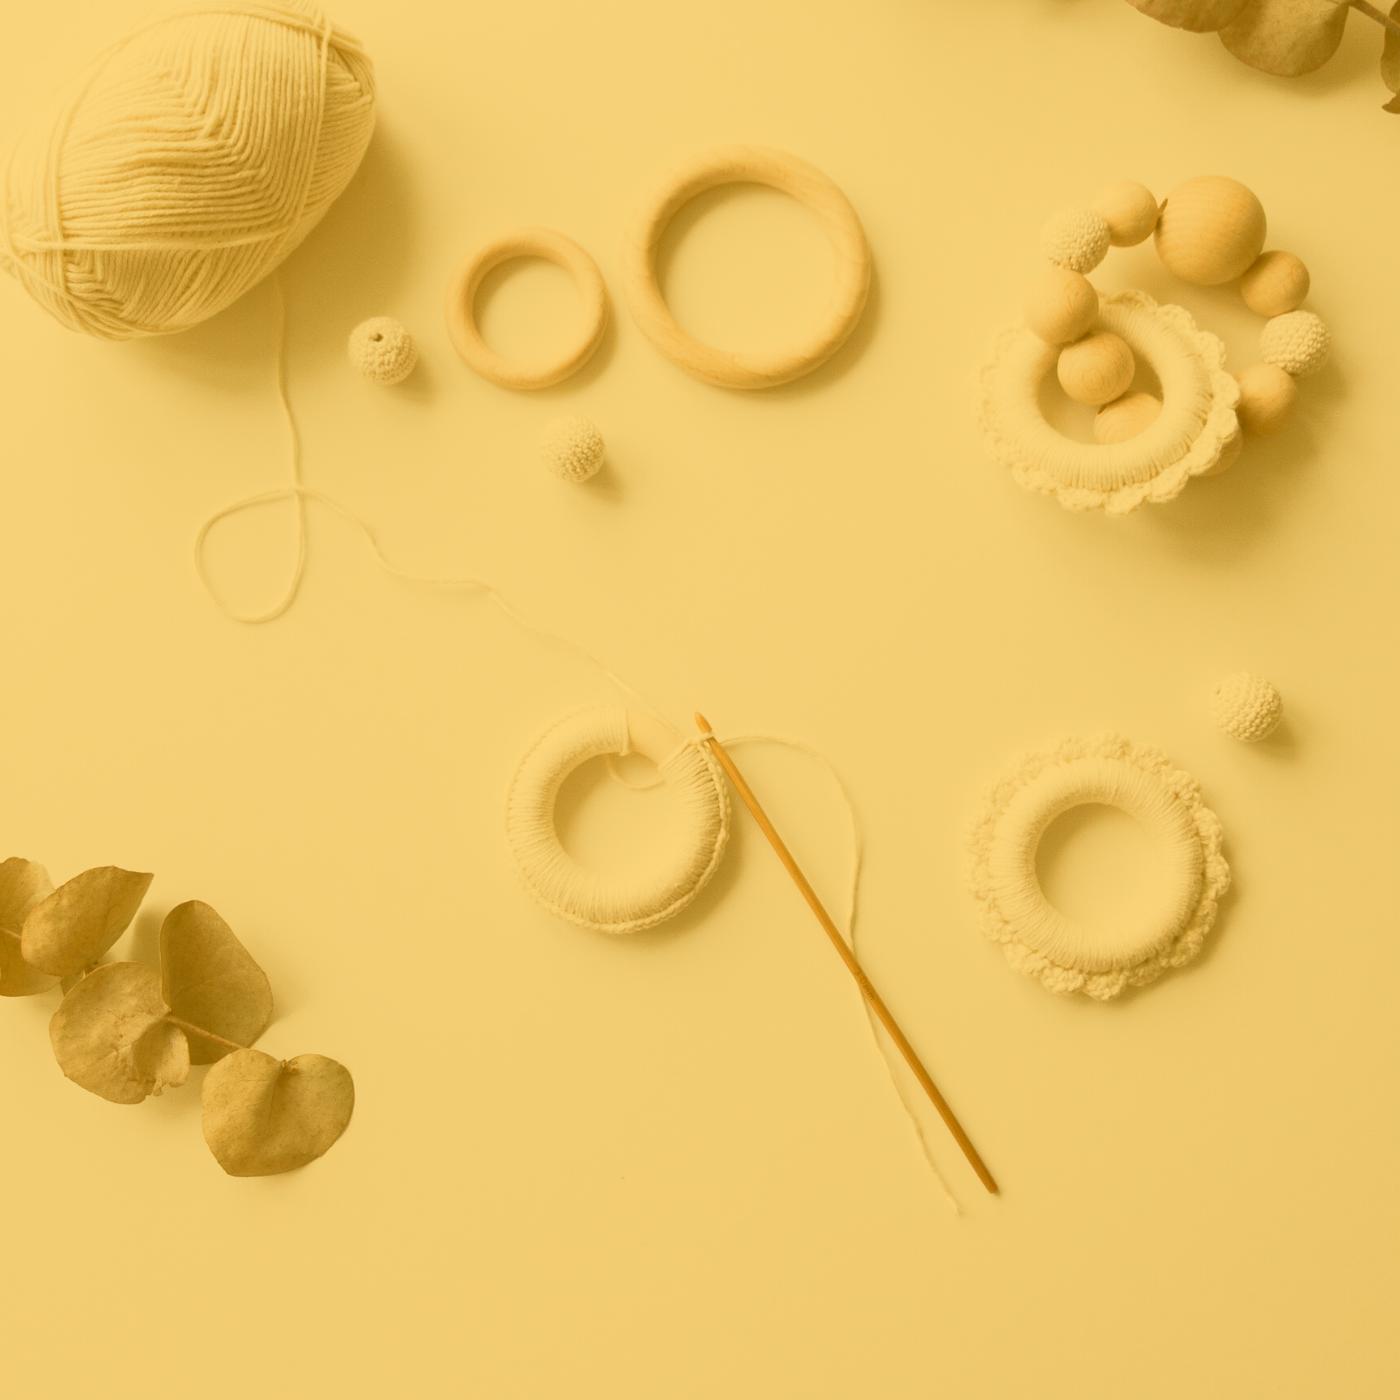 10 Indian Handmade Earring Designers on Instagram